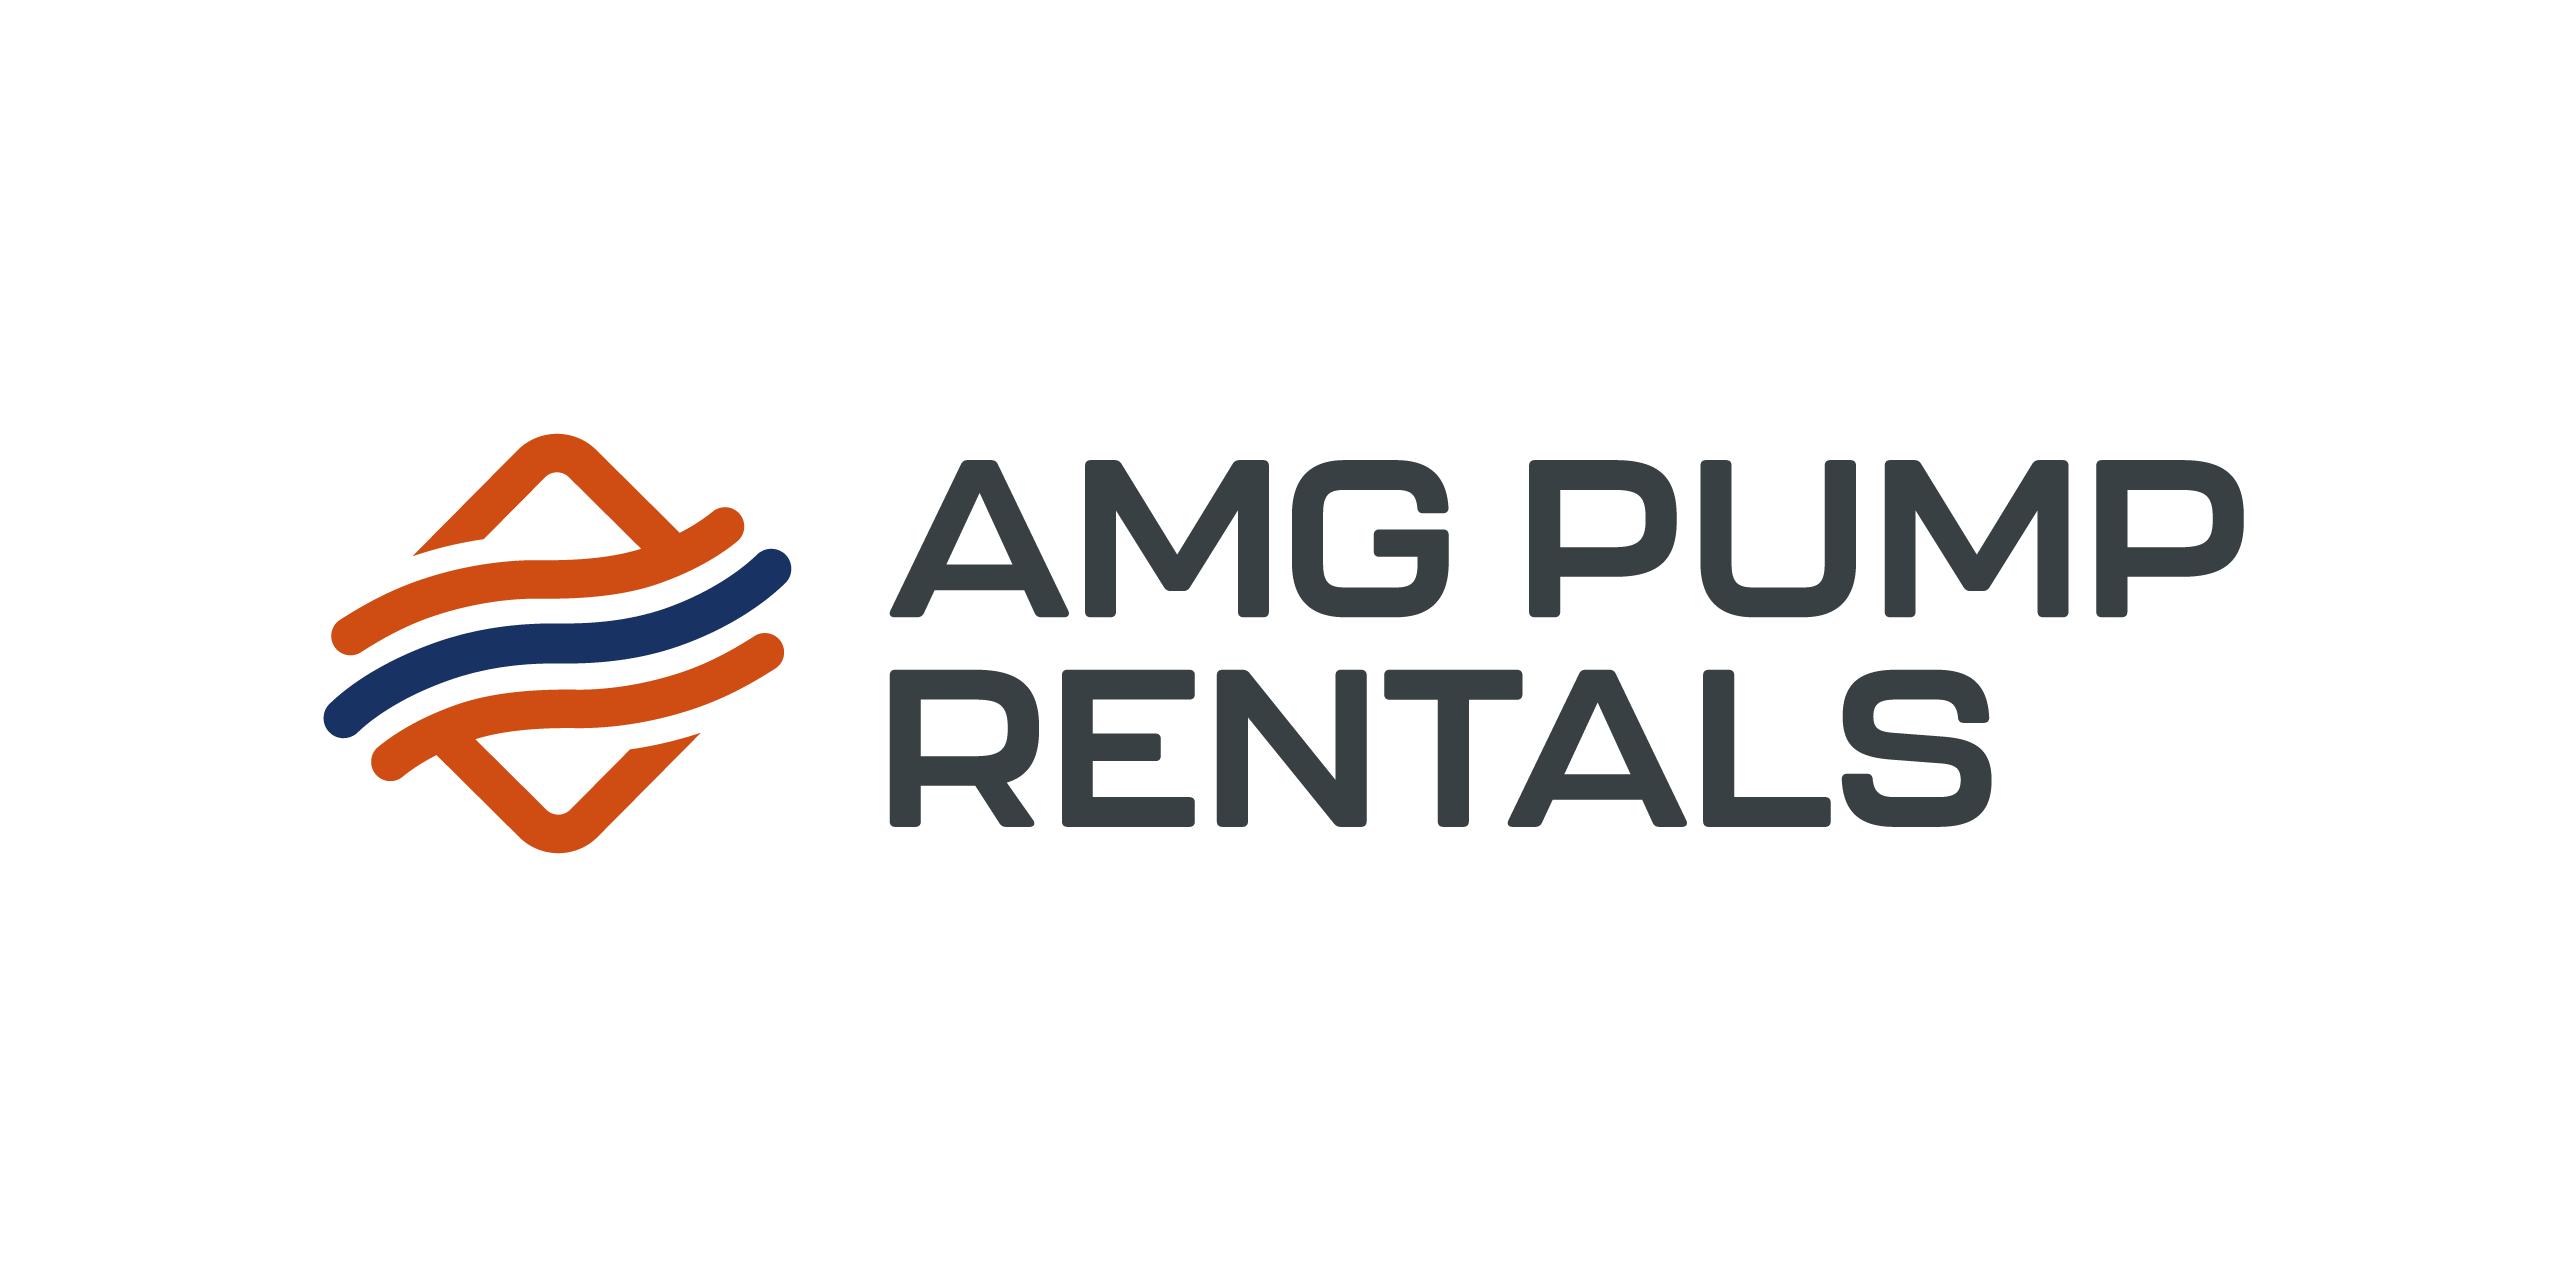 amg pump rentals logo design